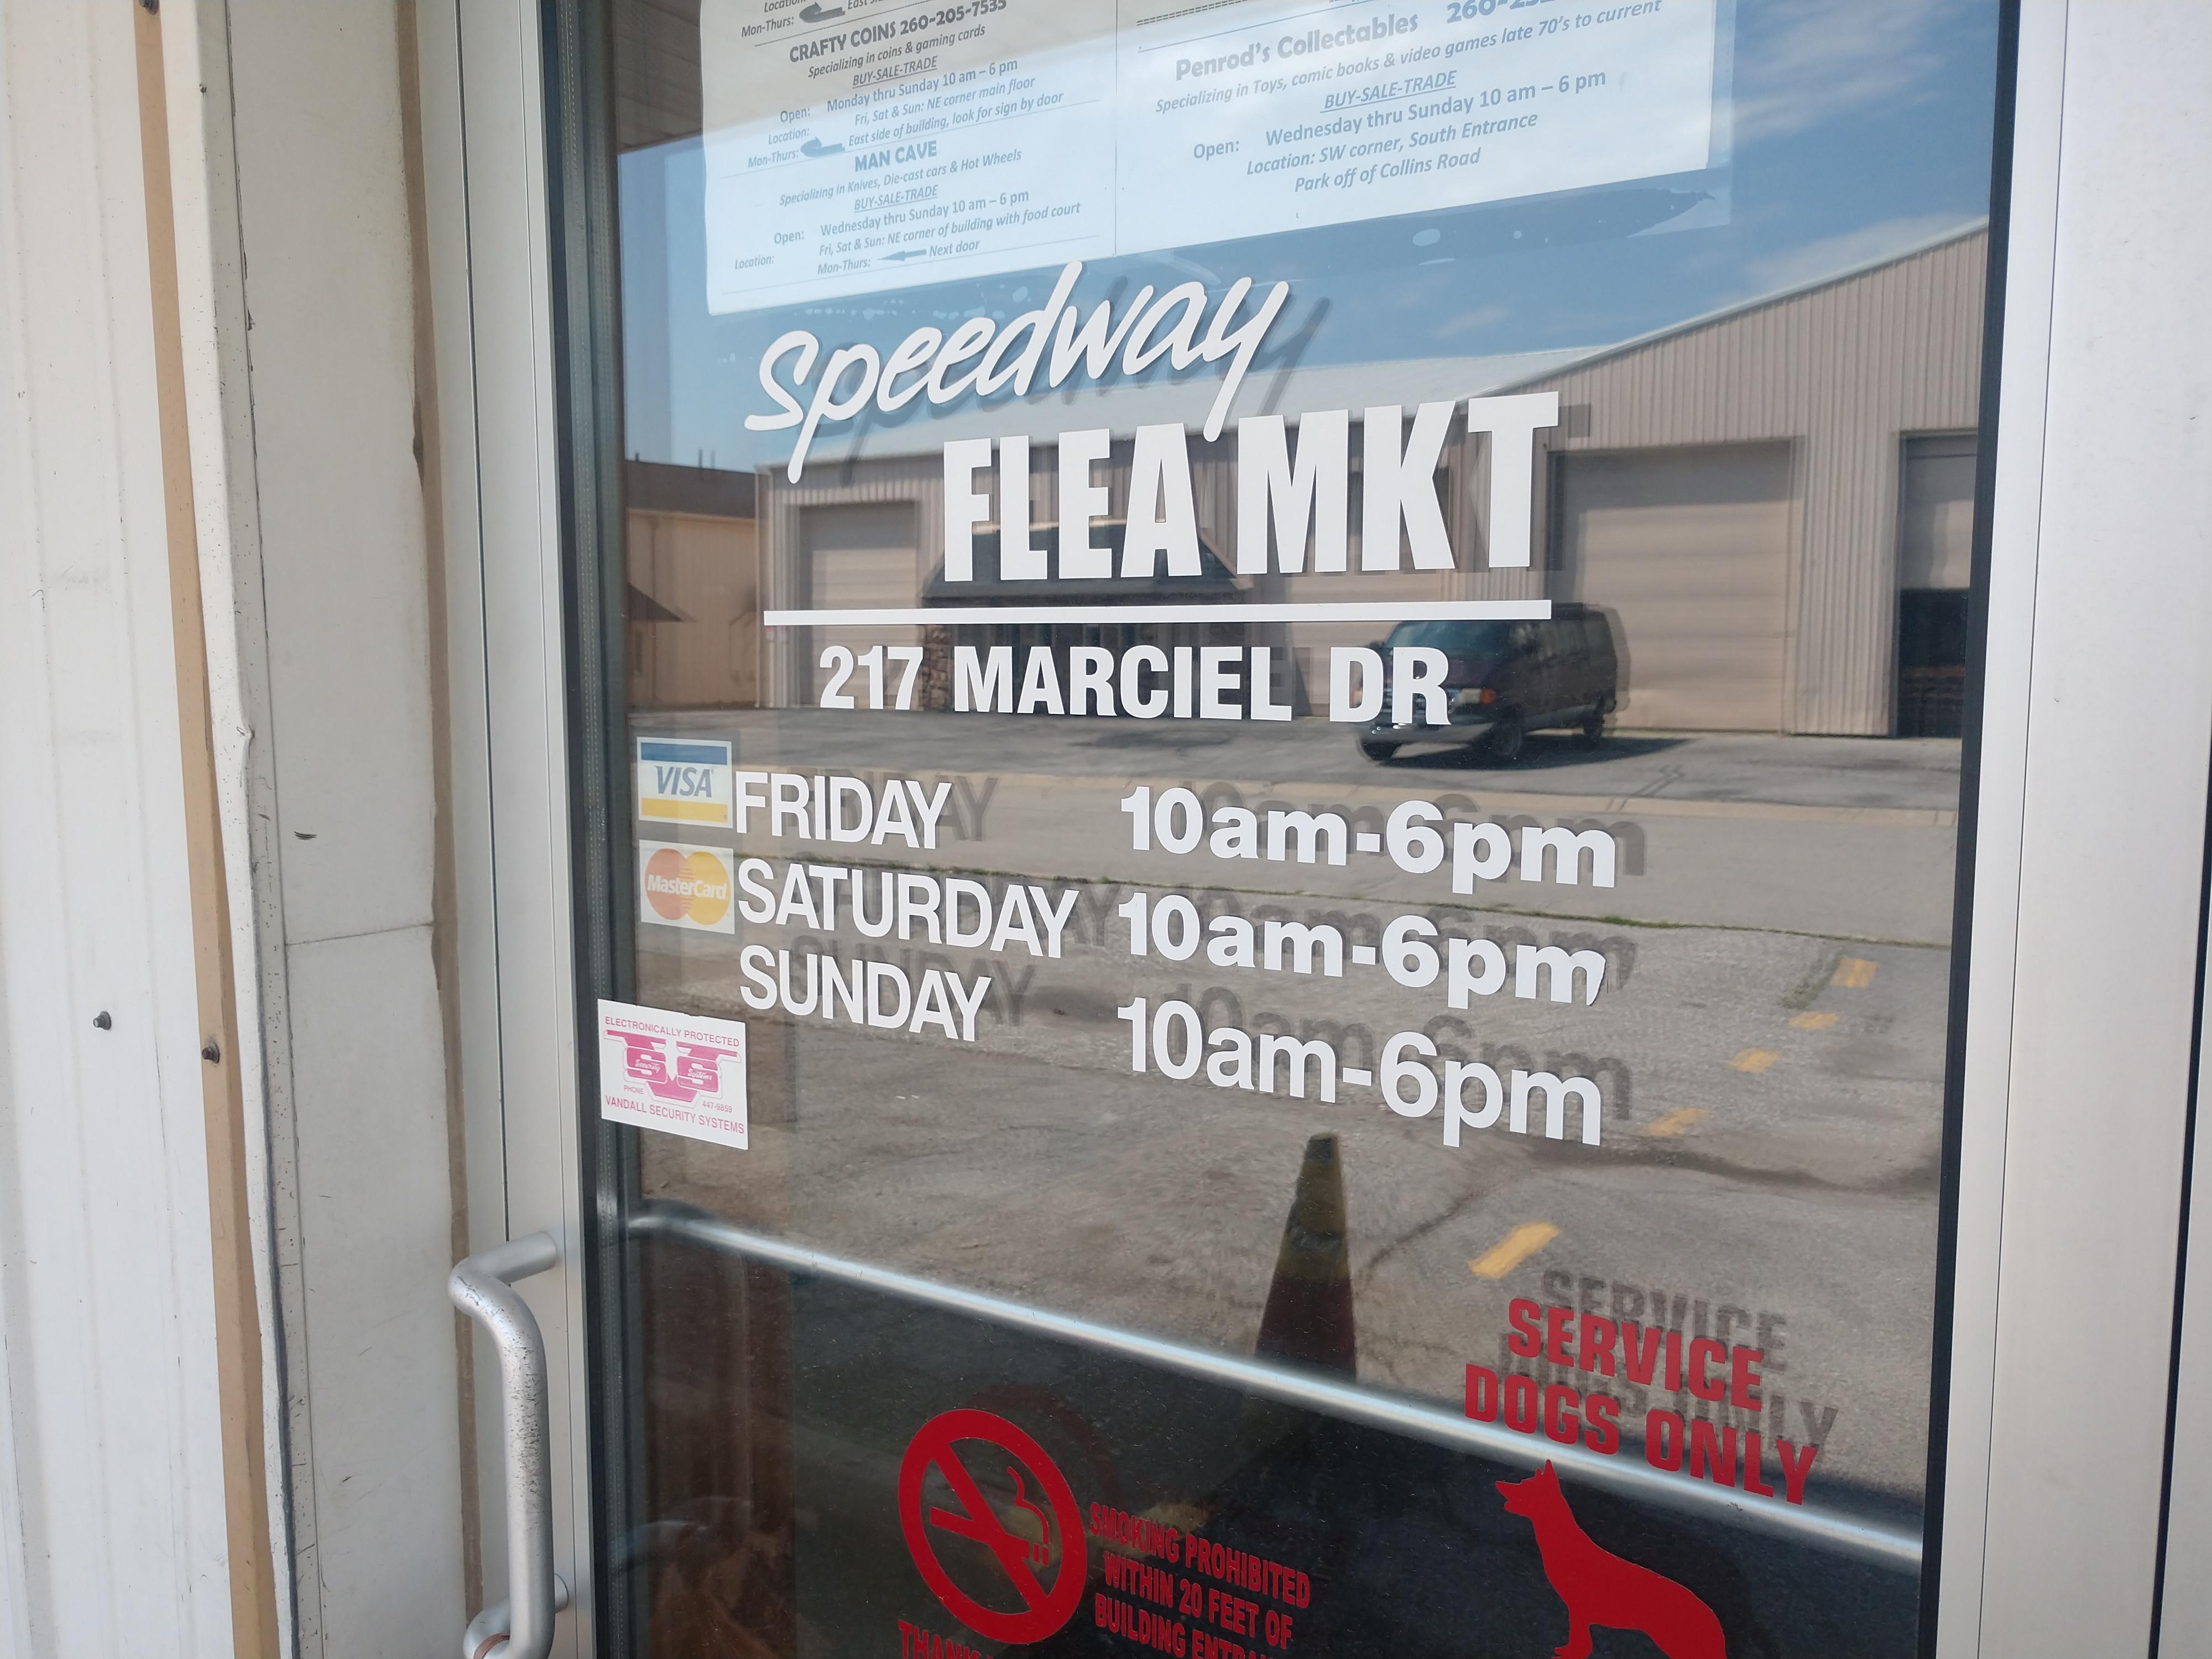 Speedway Flea Market